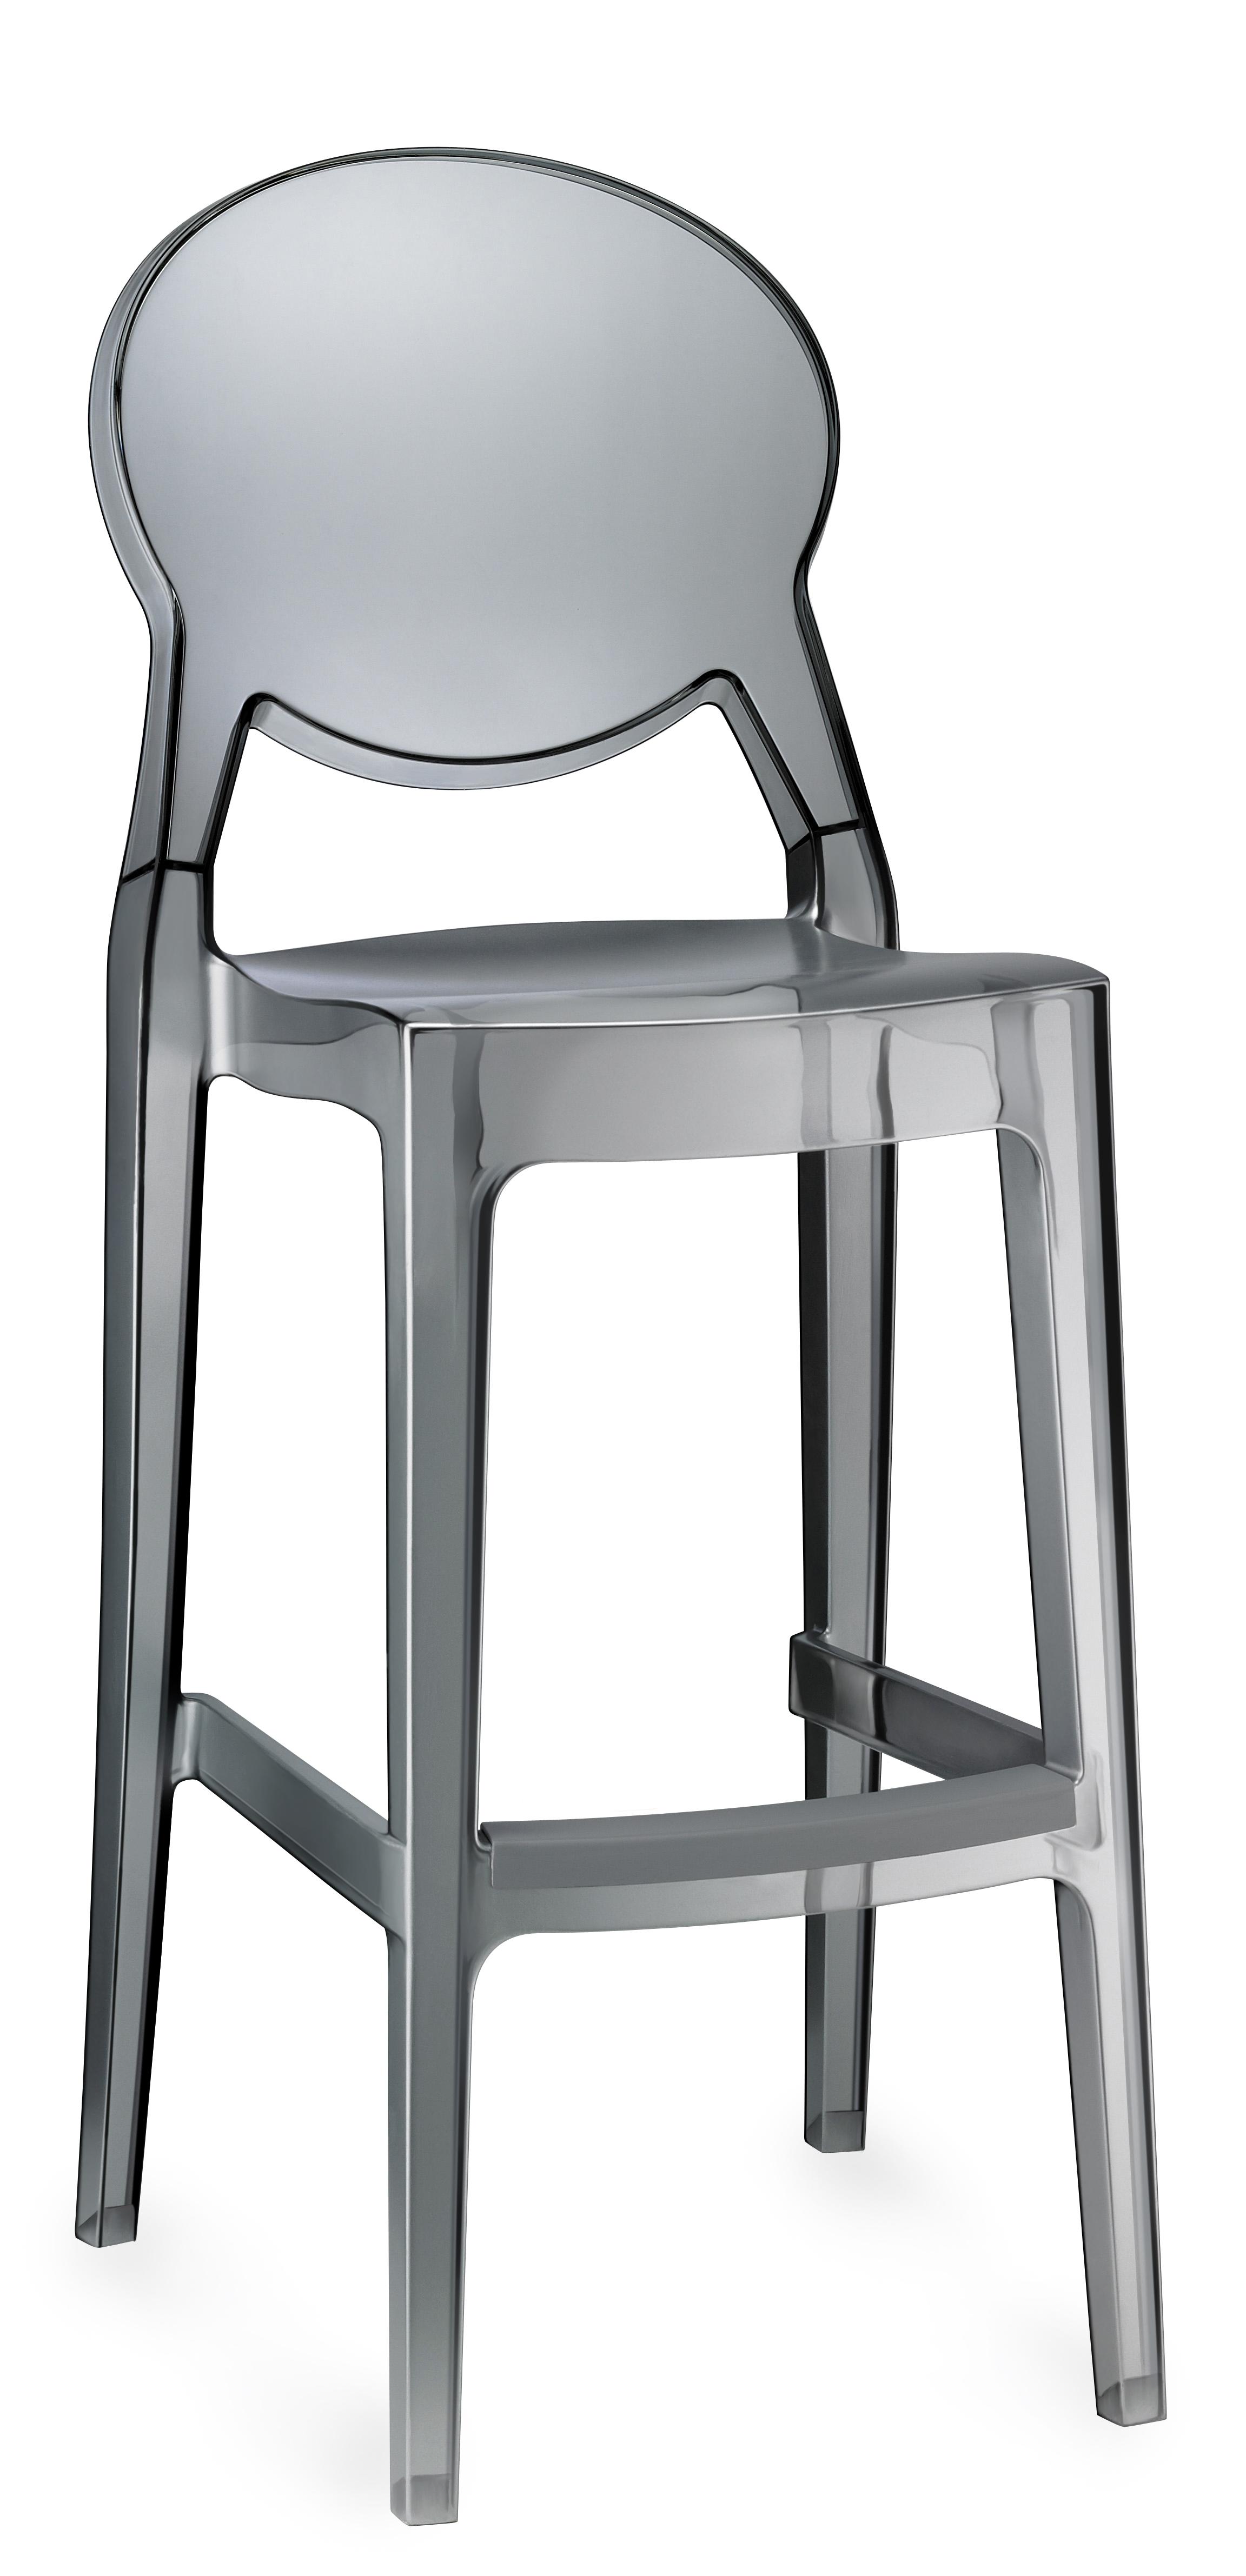 Chaise et tabouret de bar pas cher - Maison et mobilier d\'intérieur